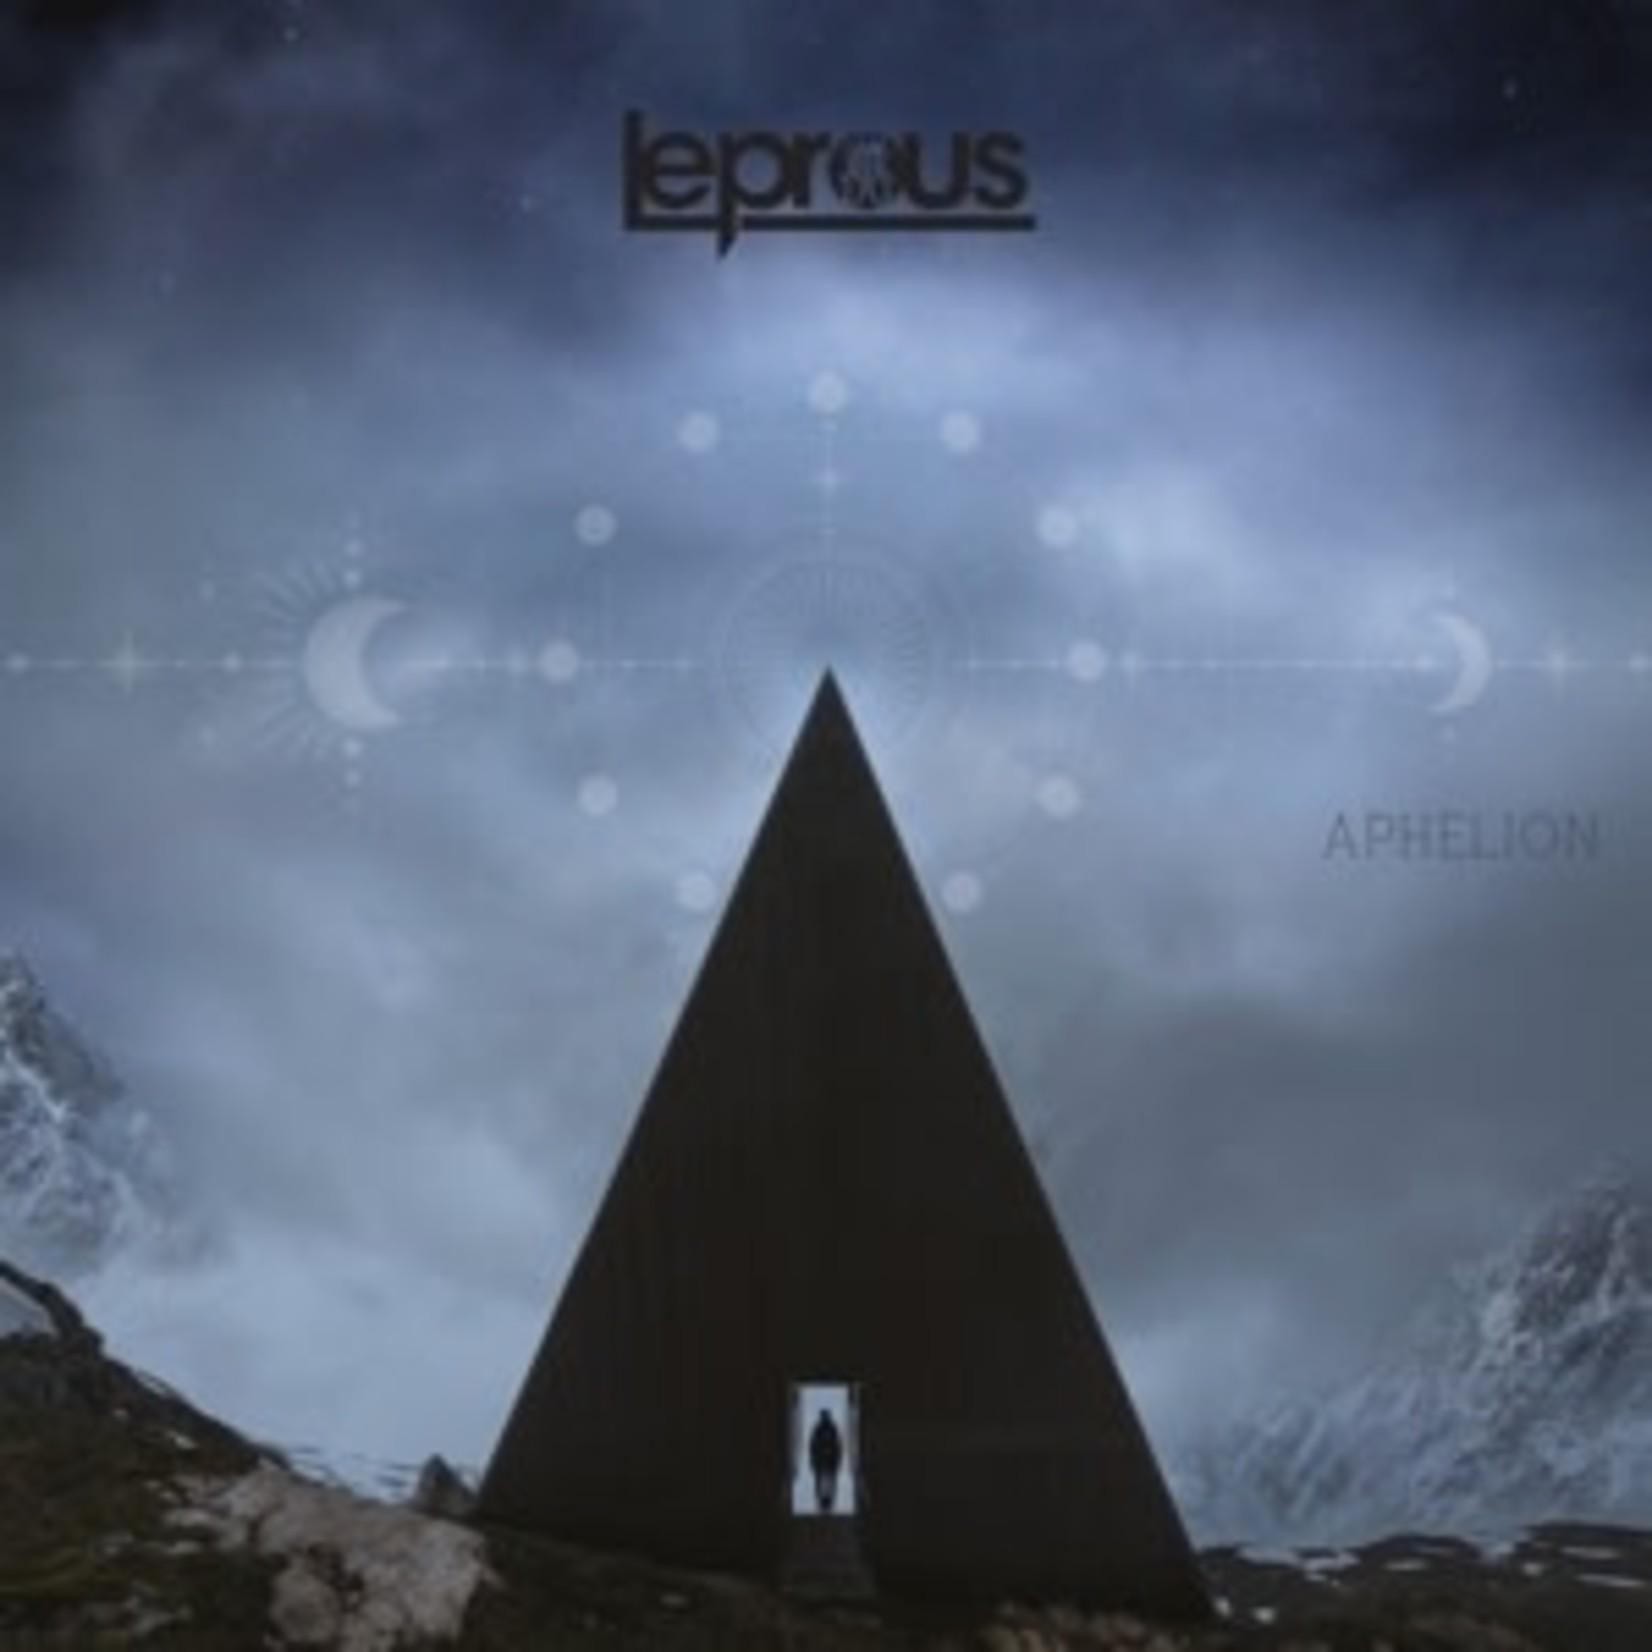 LEPROUS - APHELION -HQ- (VINYL)